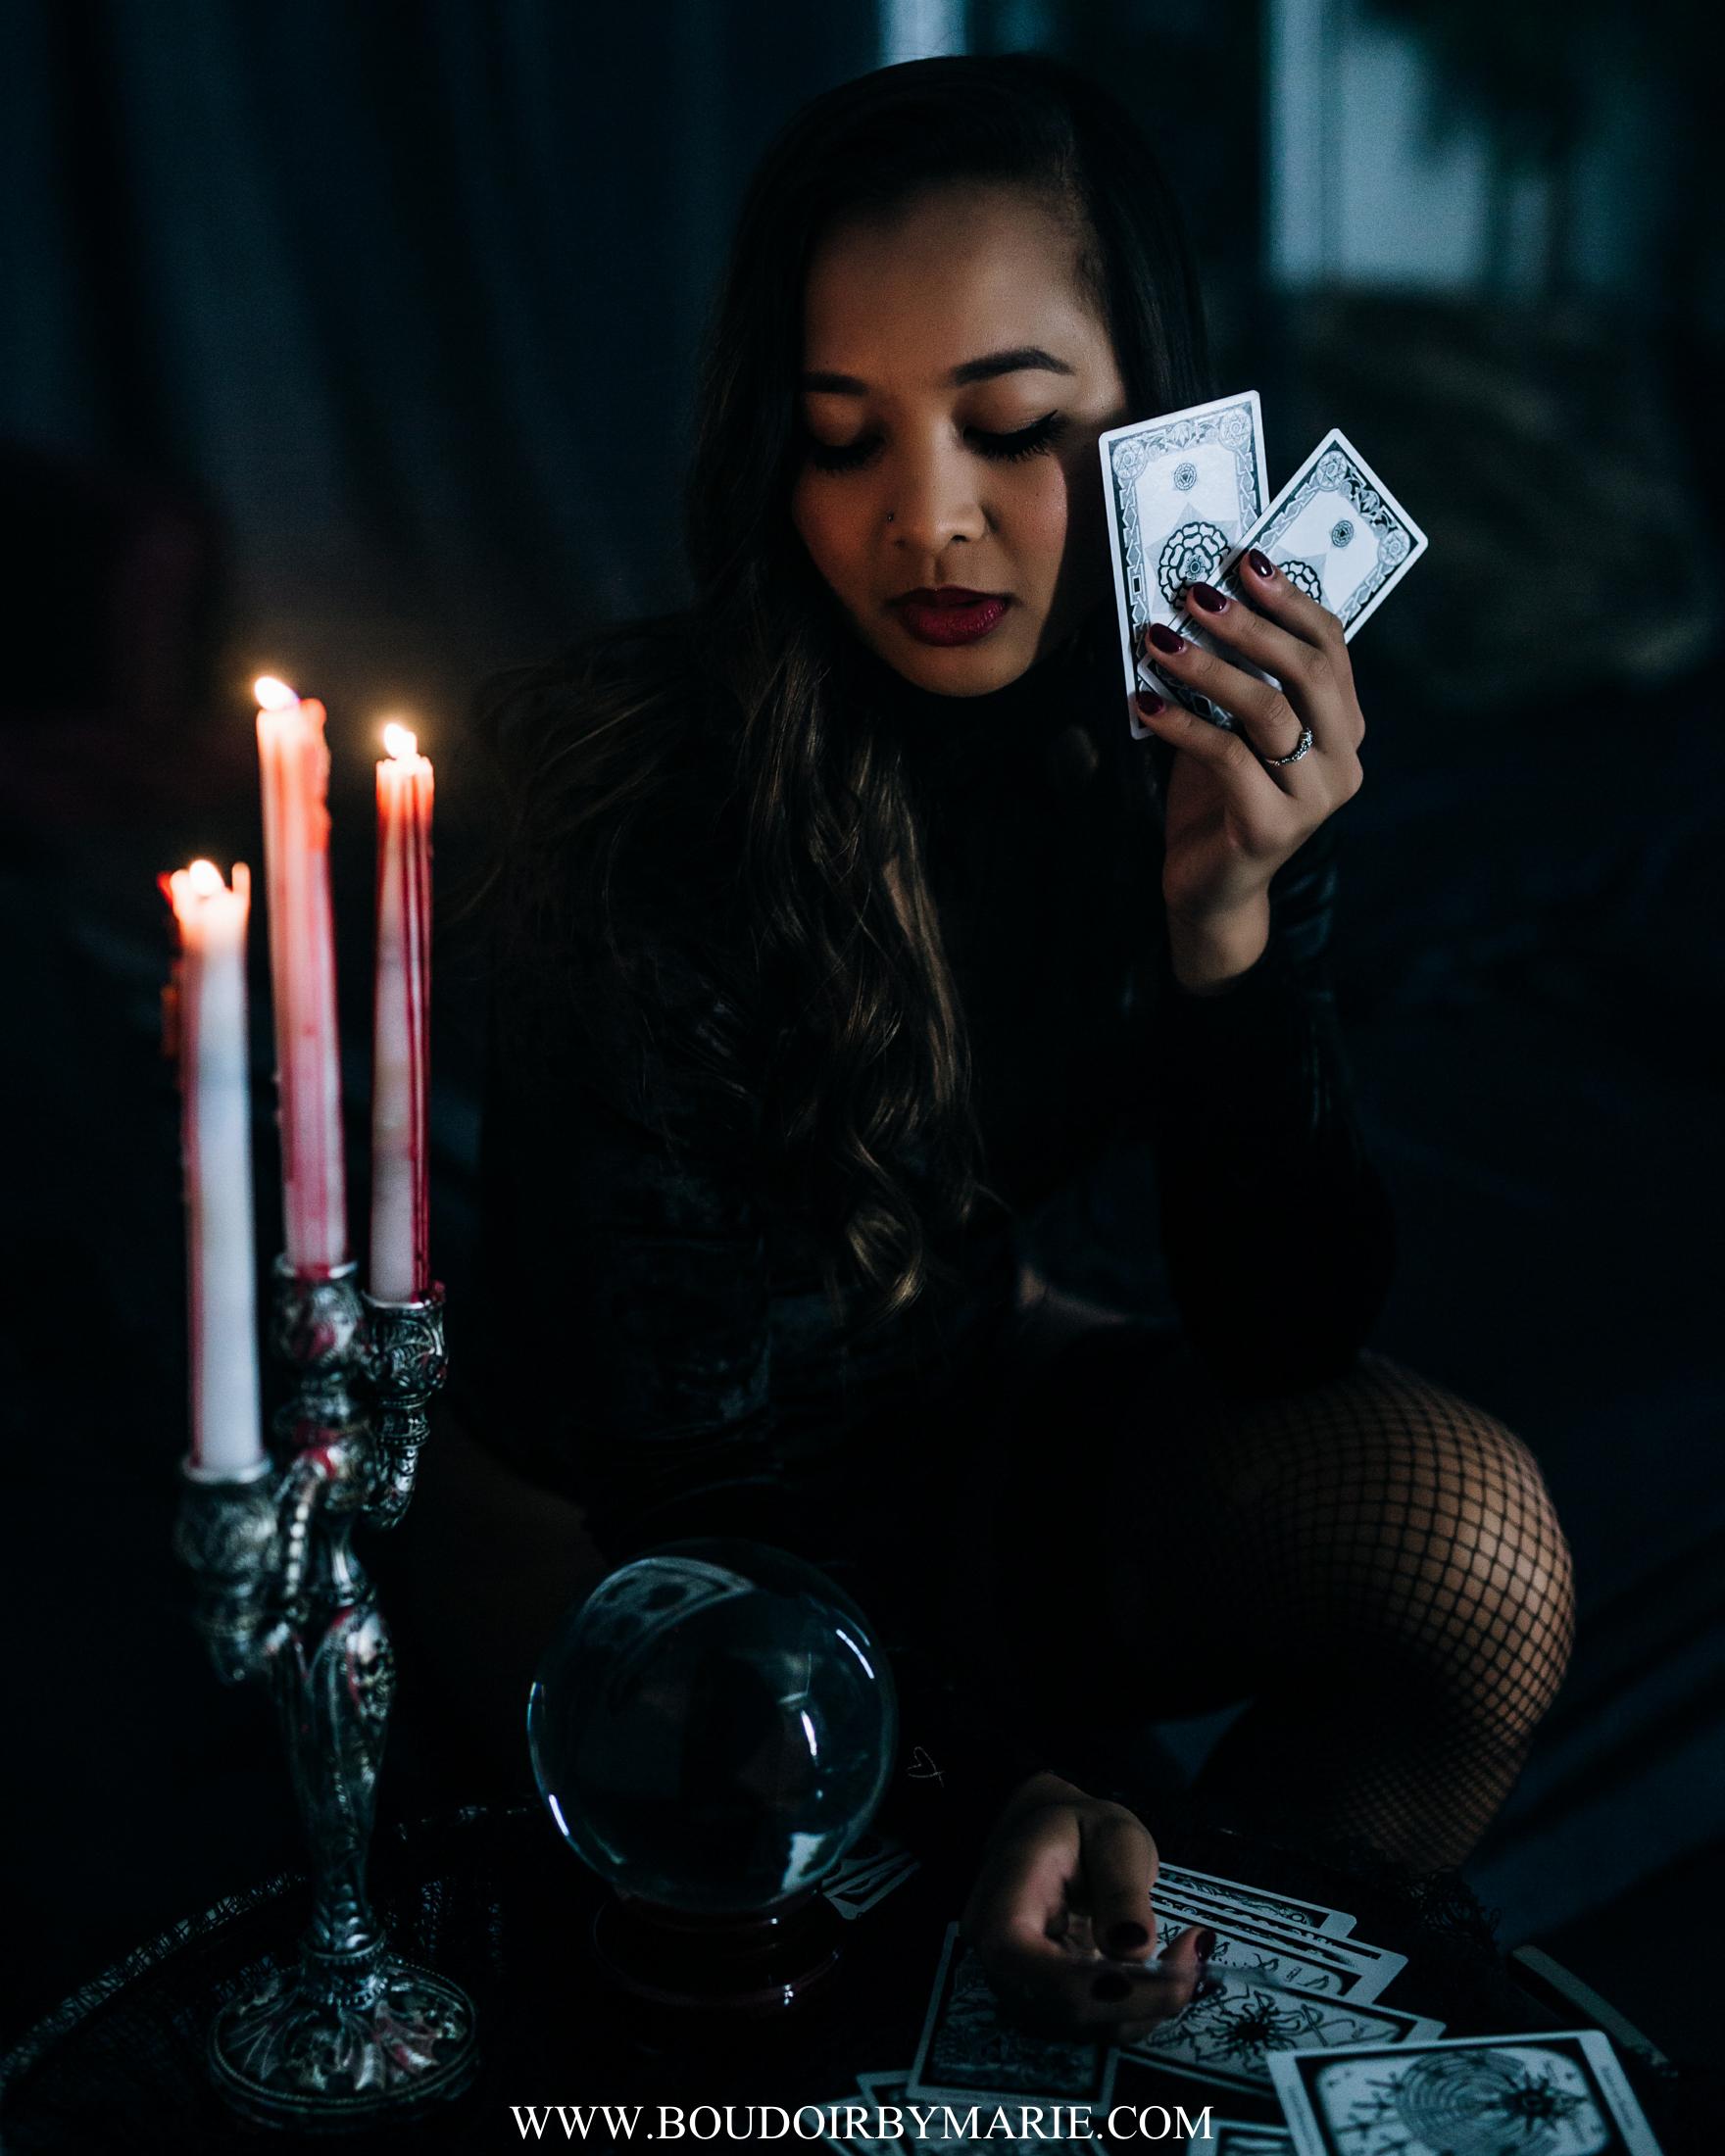 BoudoirbyMarie-HalloweenBoudoir-5.jpg